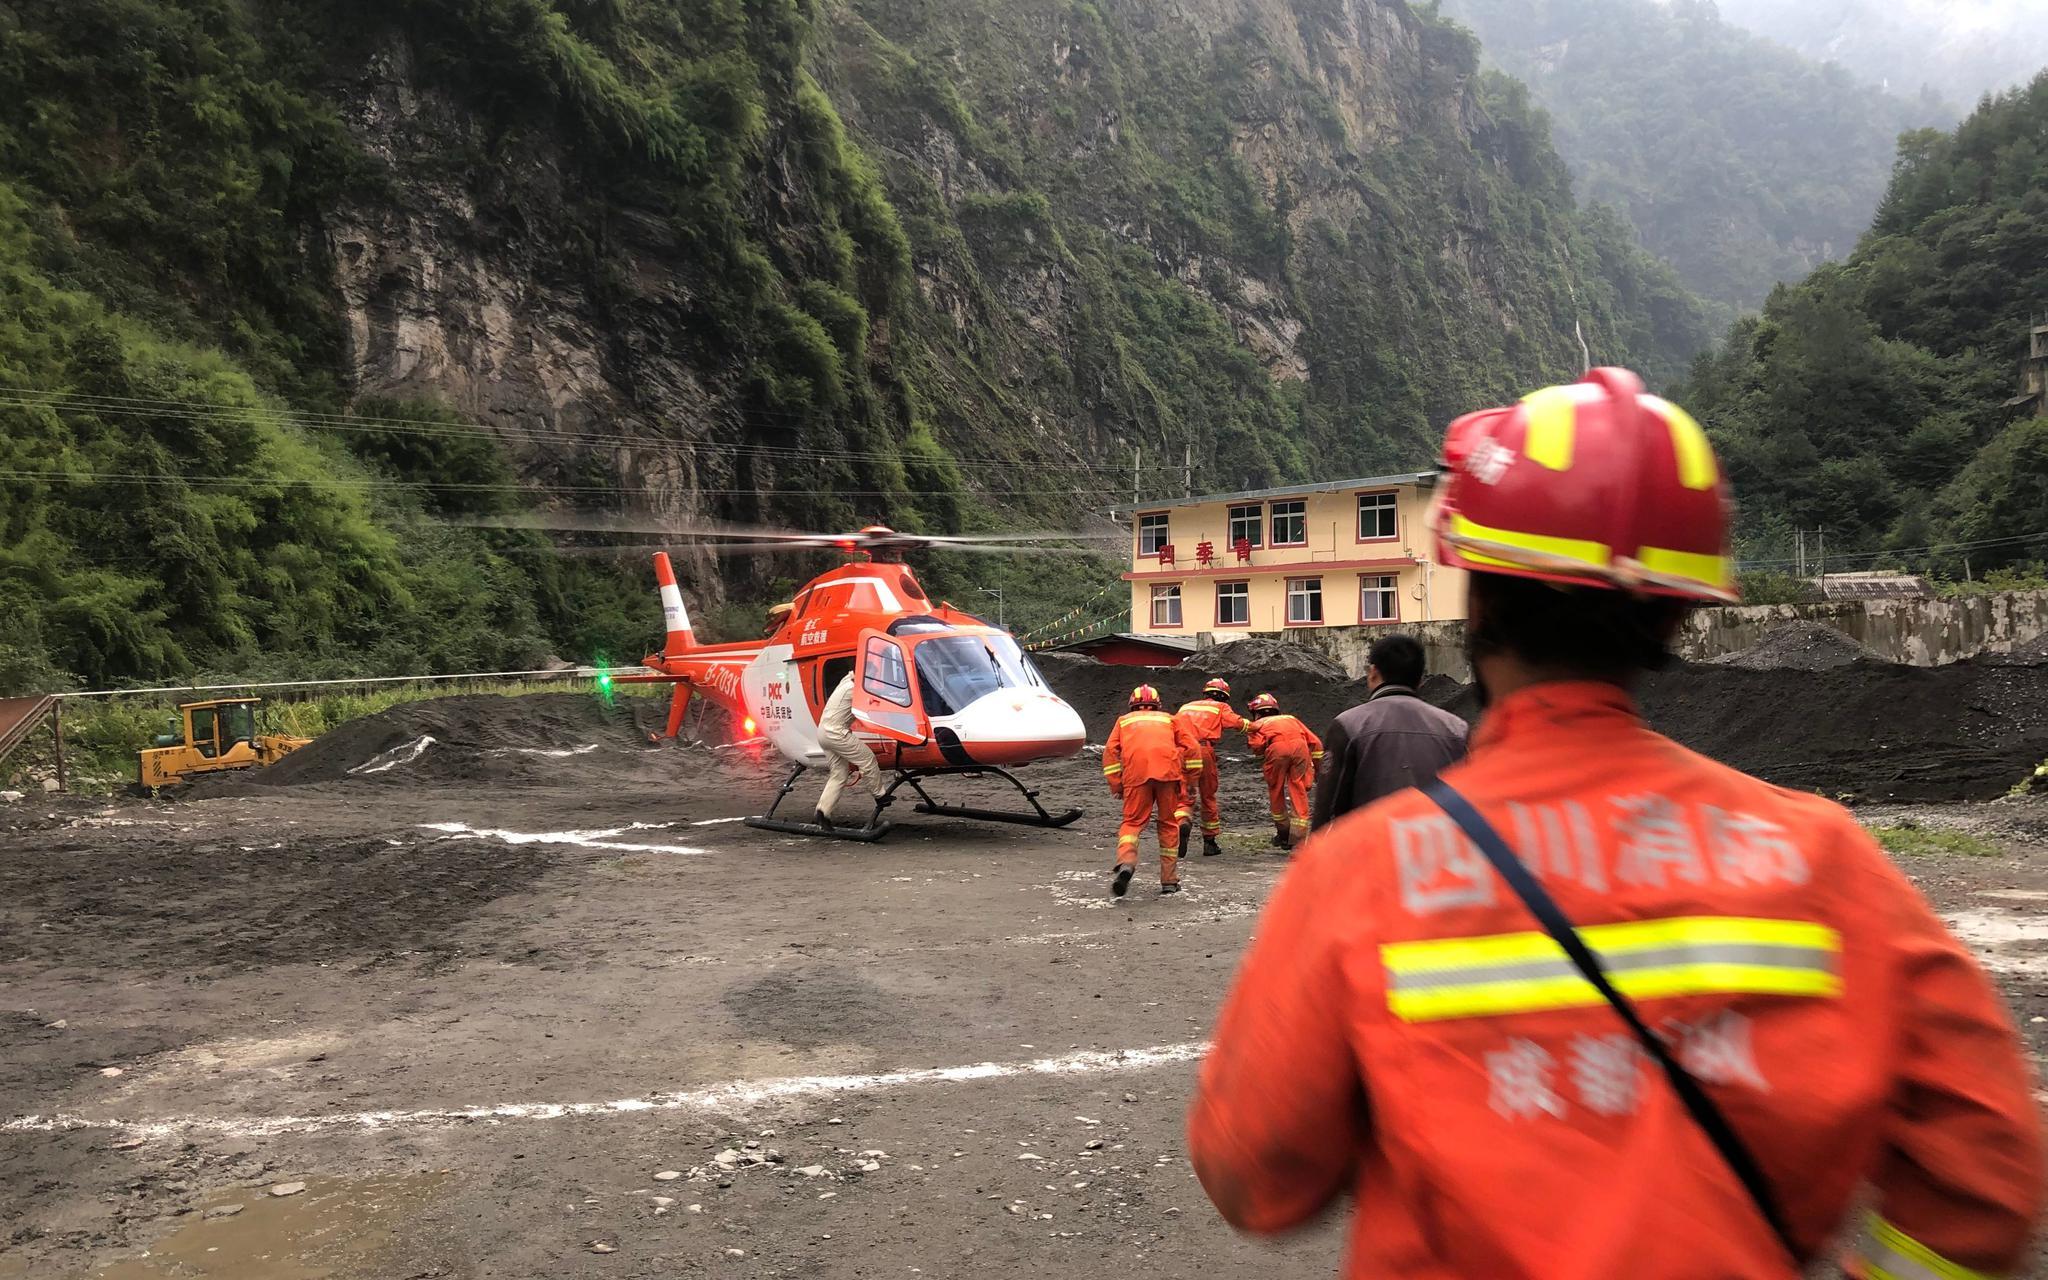 汶川龙潭70名受困人员获救 当地正用直升机转移|龙潭|汶川